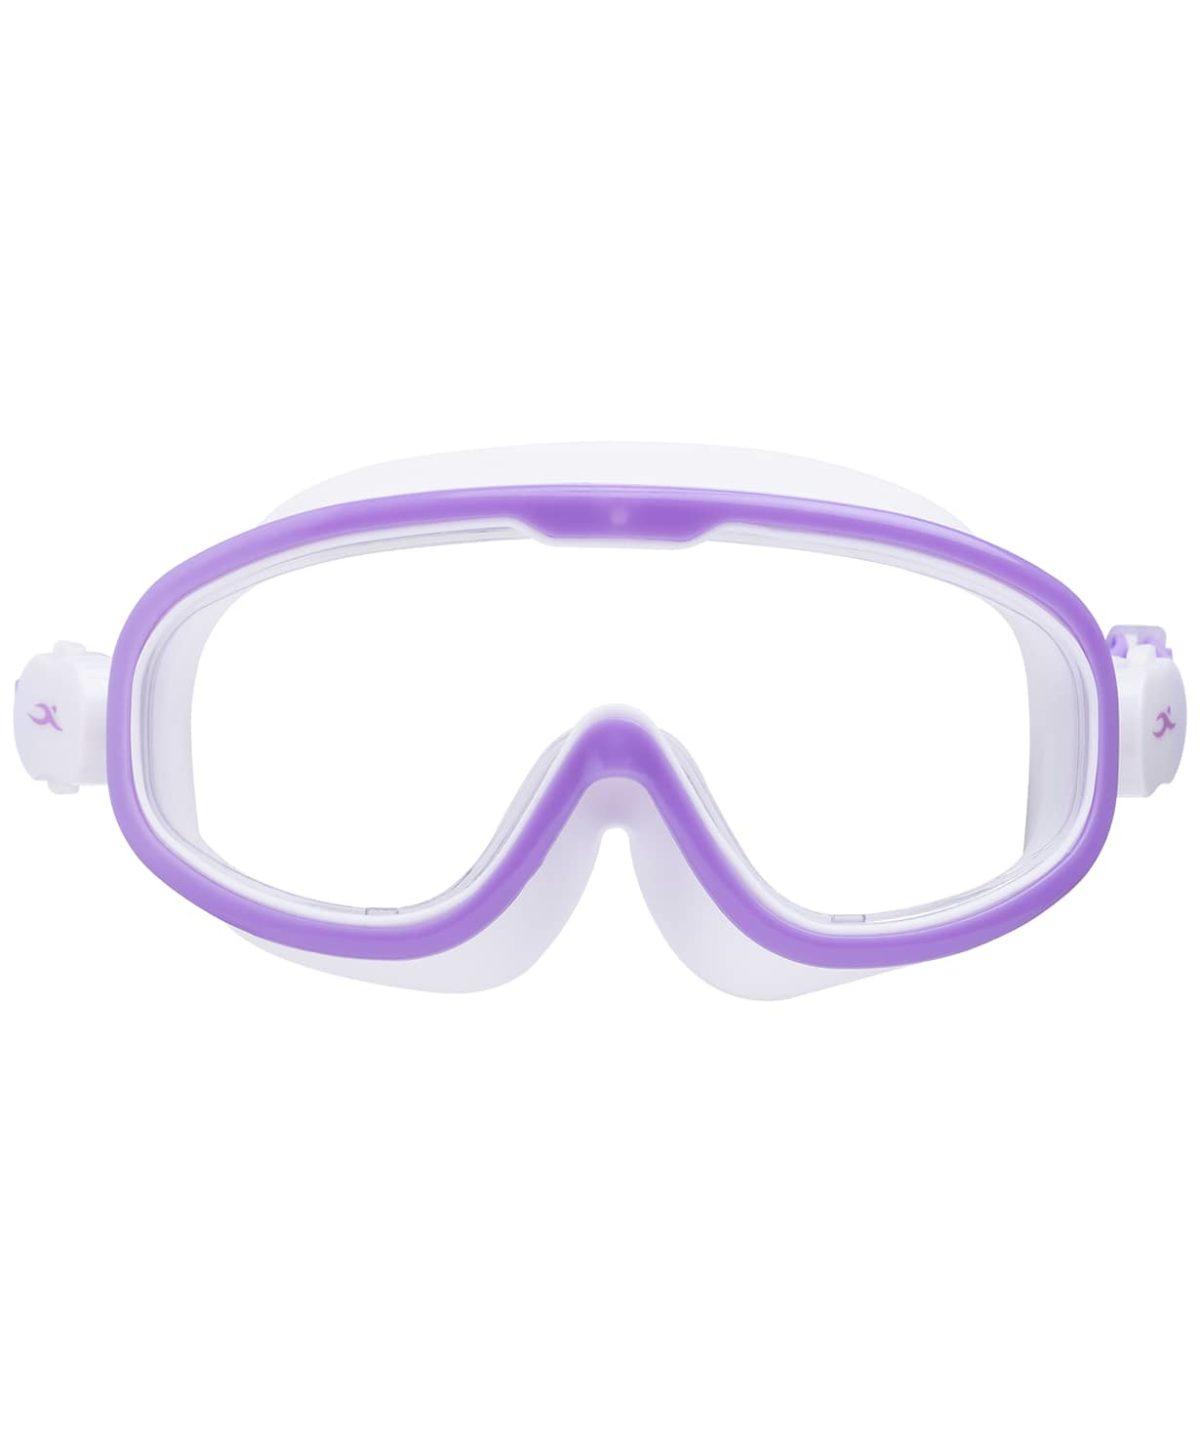 25DEGREES Очки-маска для плавания Hyper, детская  25D21018: лиловый/белый - 2